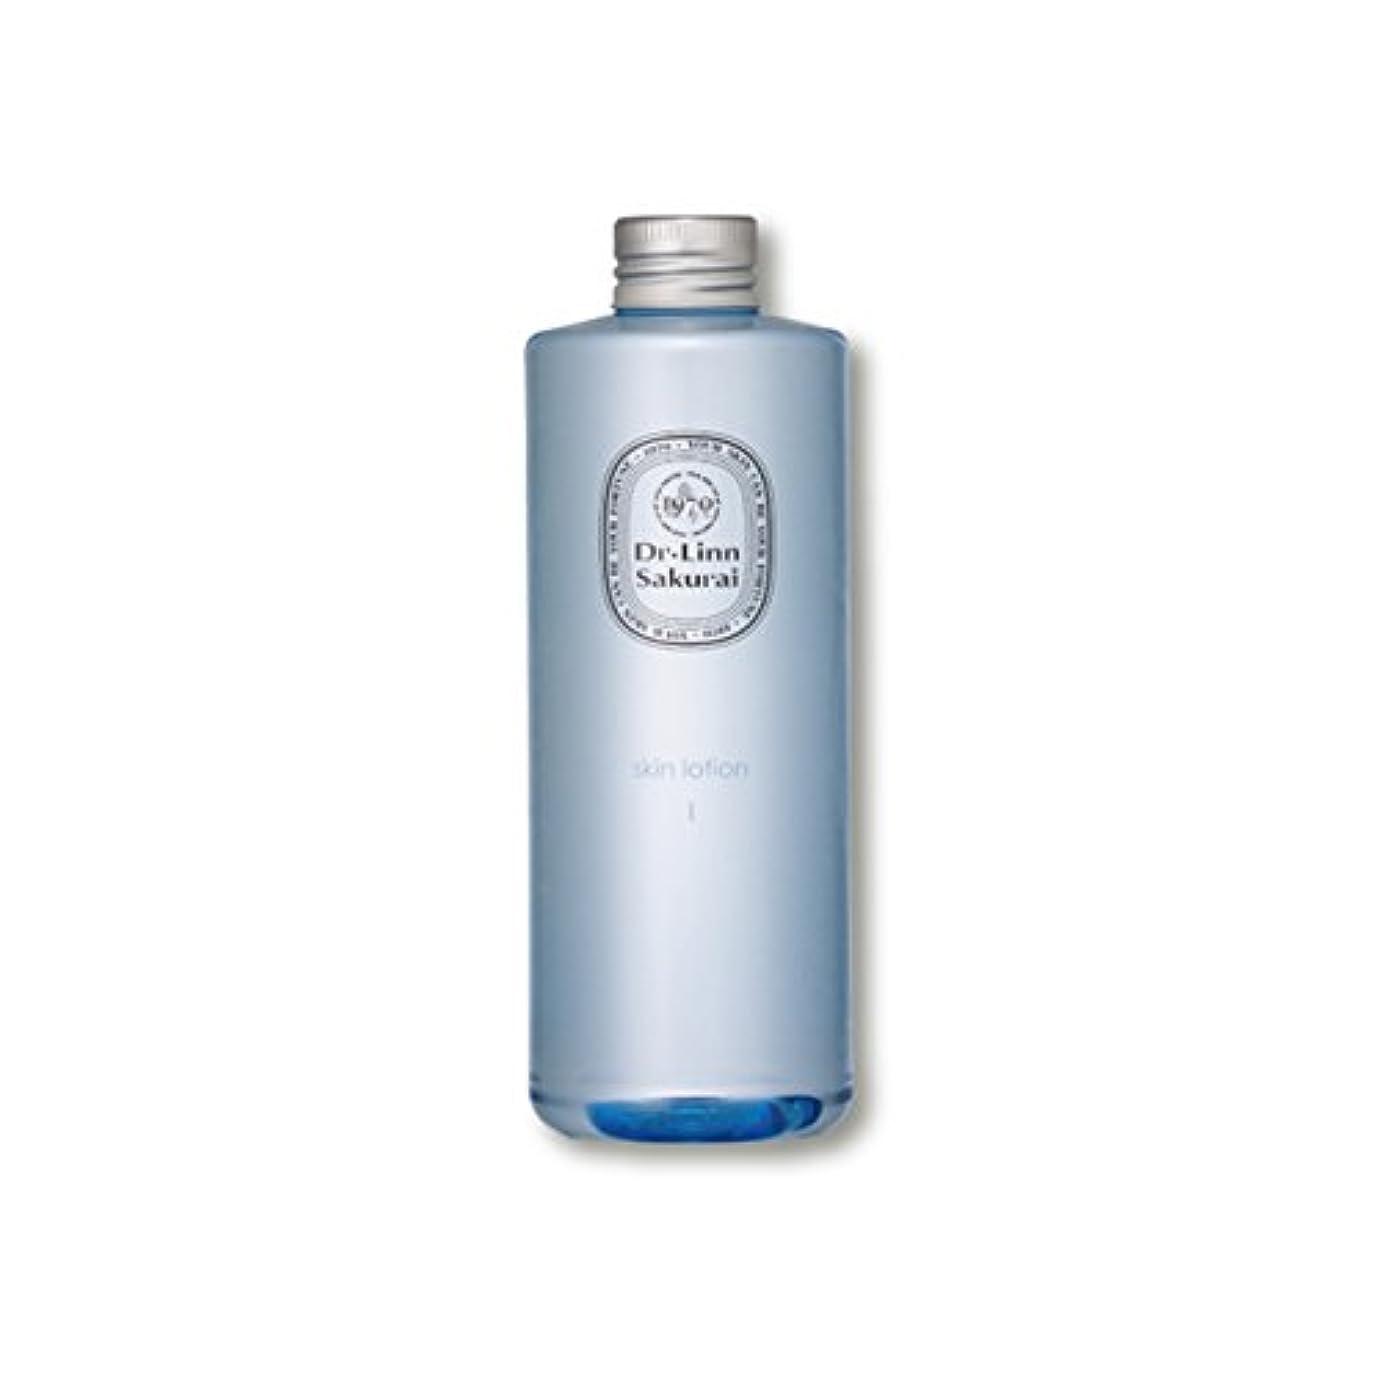 。ポップ挑発するドクターリンサクライ スキンローションI さっぱりタイプ 300ml  (化粧水)